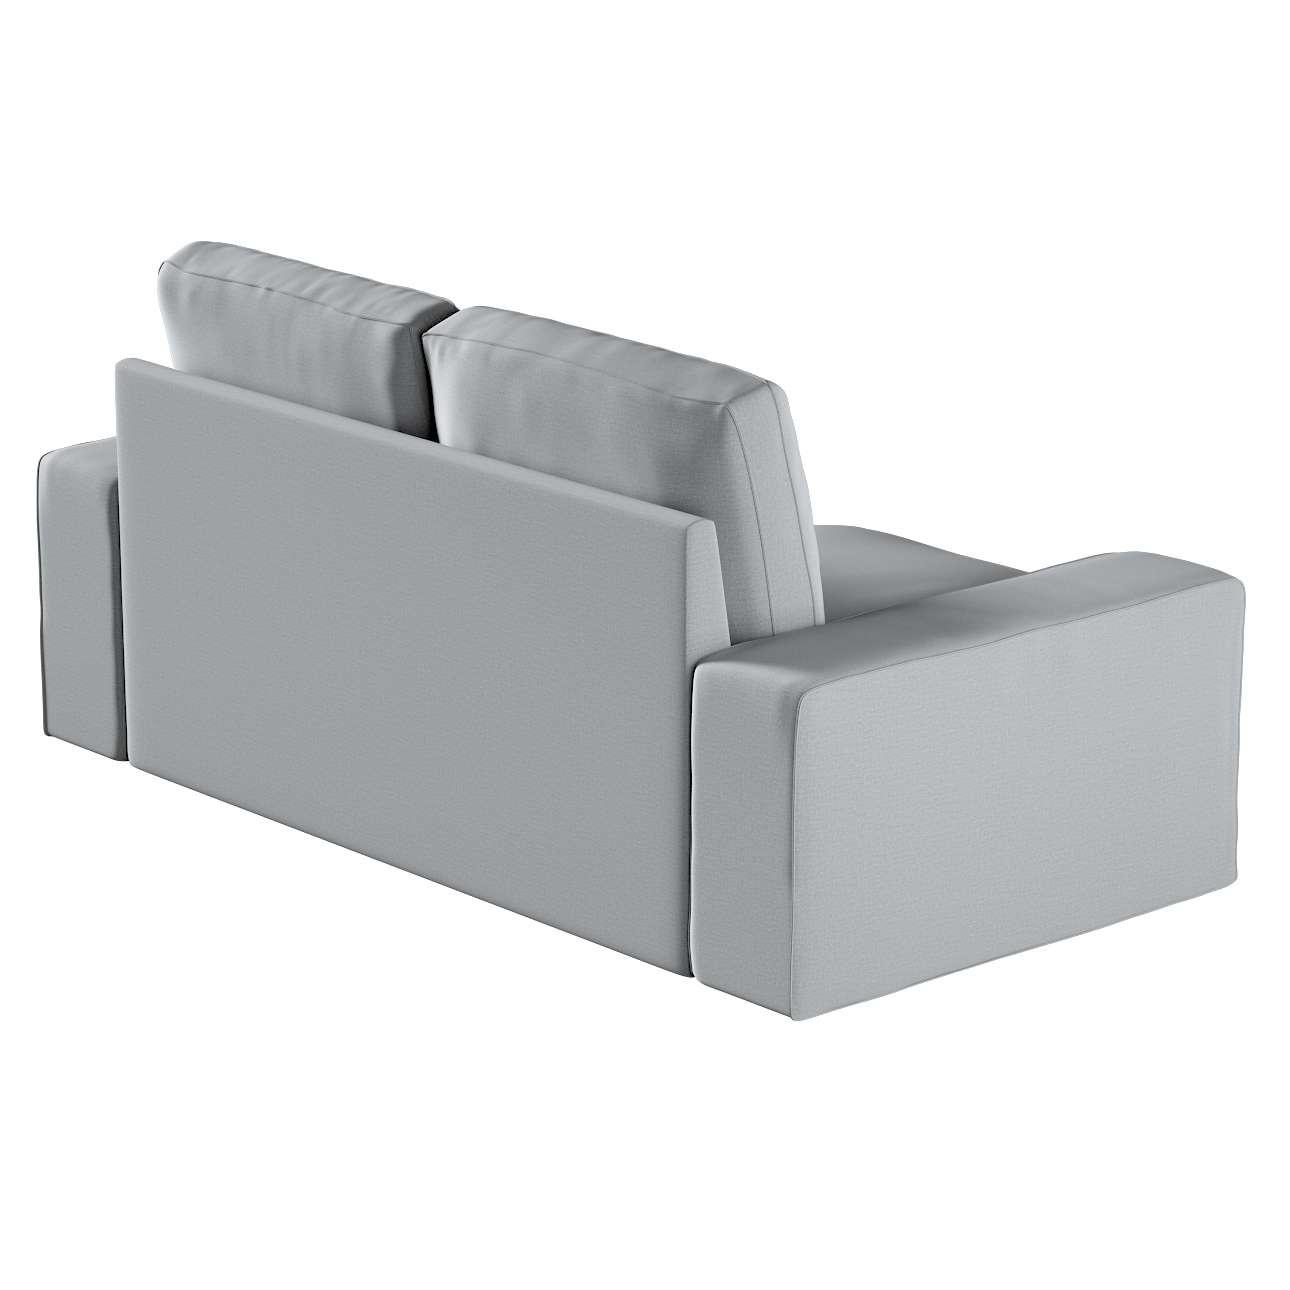 Pokrowiec na sofę Kivik 2-osobową, nierozkładaną w kolekcji Ingrid, tkanina: 705-42